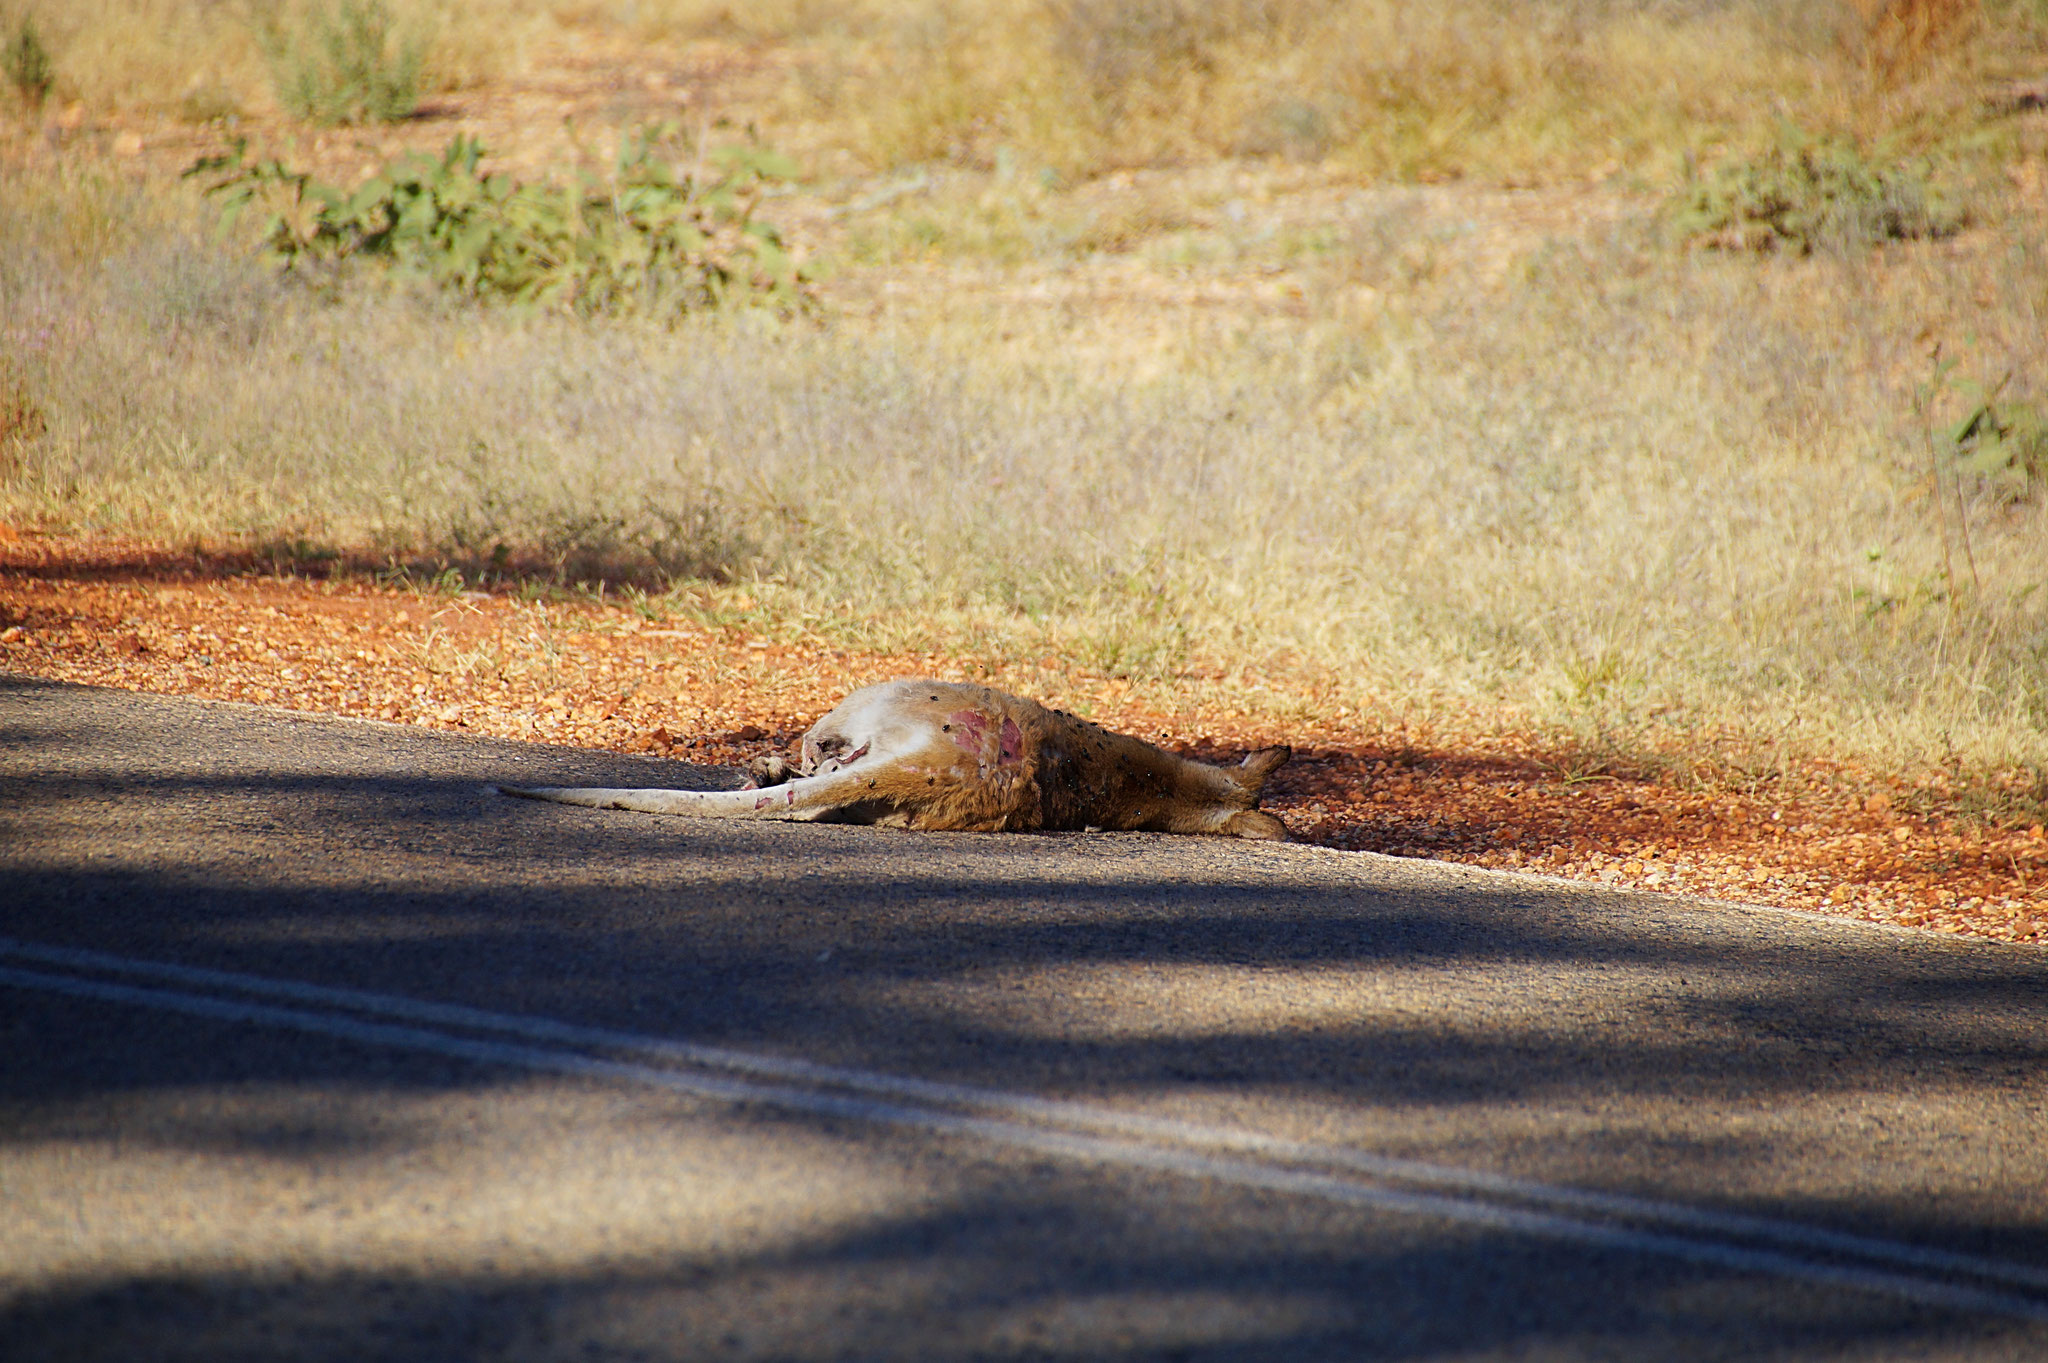 Für Kängurus sind Highways gefährlich. Wegen Wildwechsel wird von Nachtfahrten abgeraten.